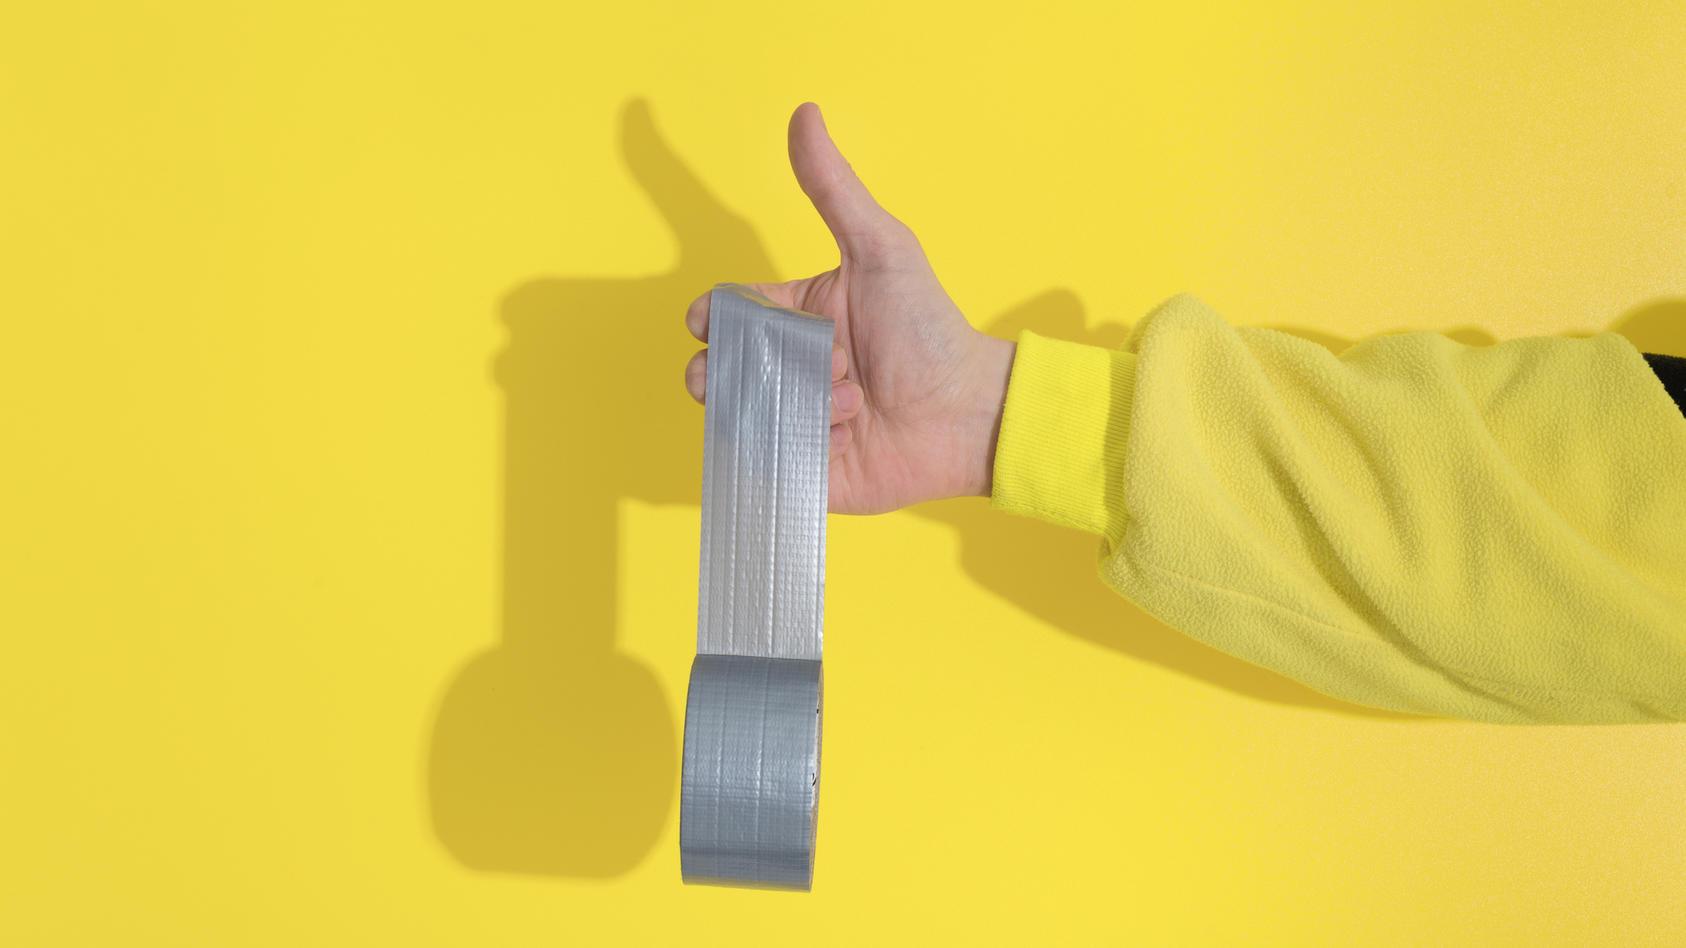 klebeband-kann-viel-mehr-als-einfach-nur-kleben-diese-tricks-sollten-sie-kennen